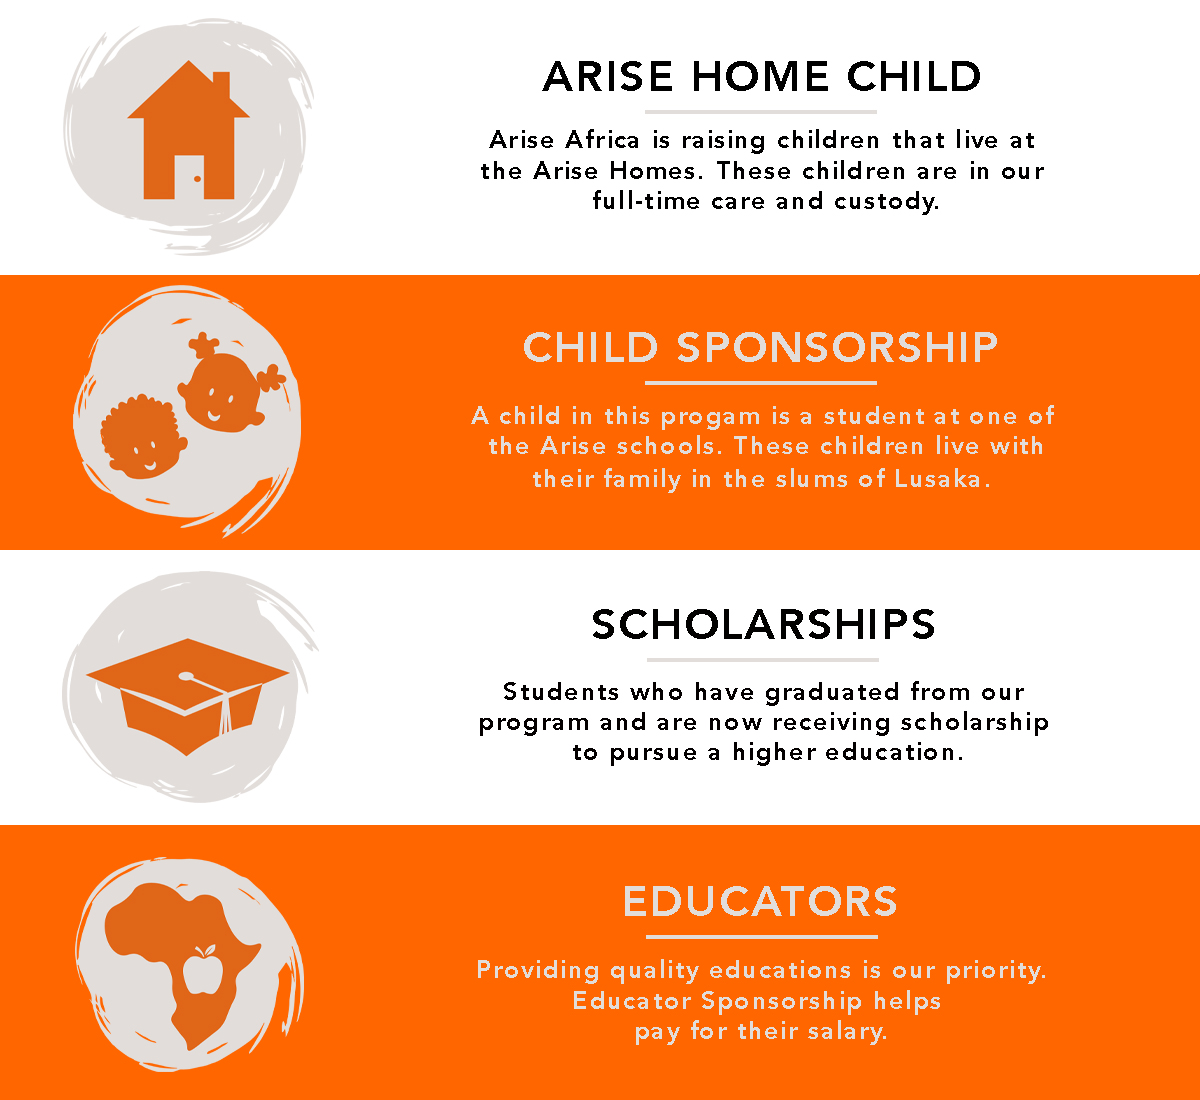 sponsorships website2.jpg